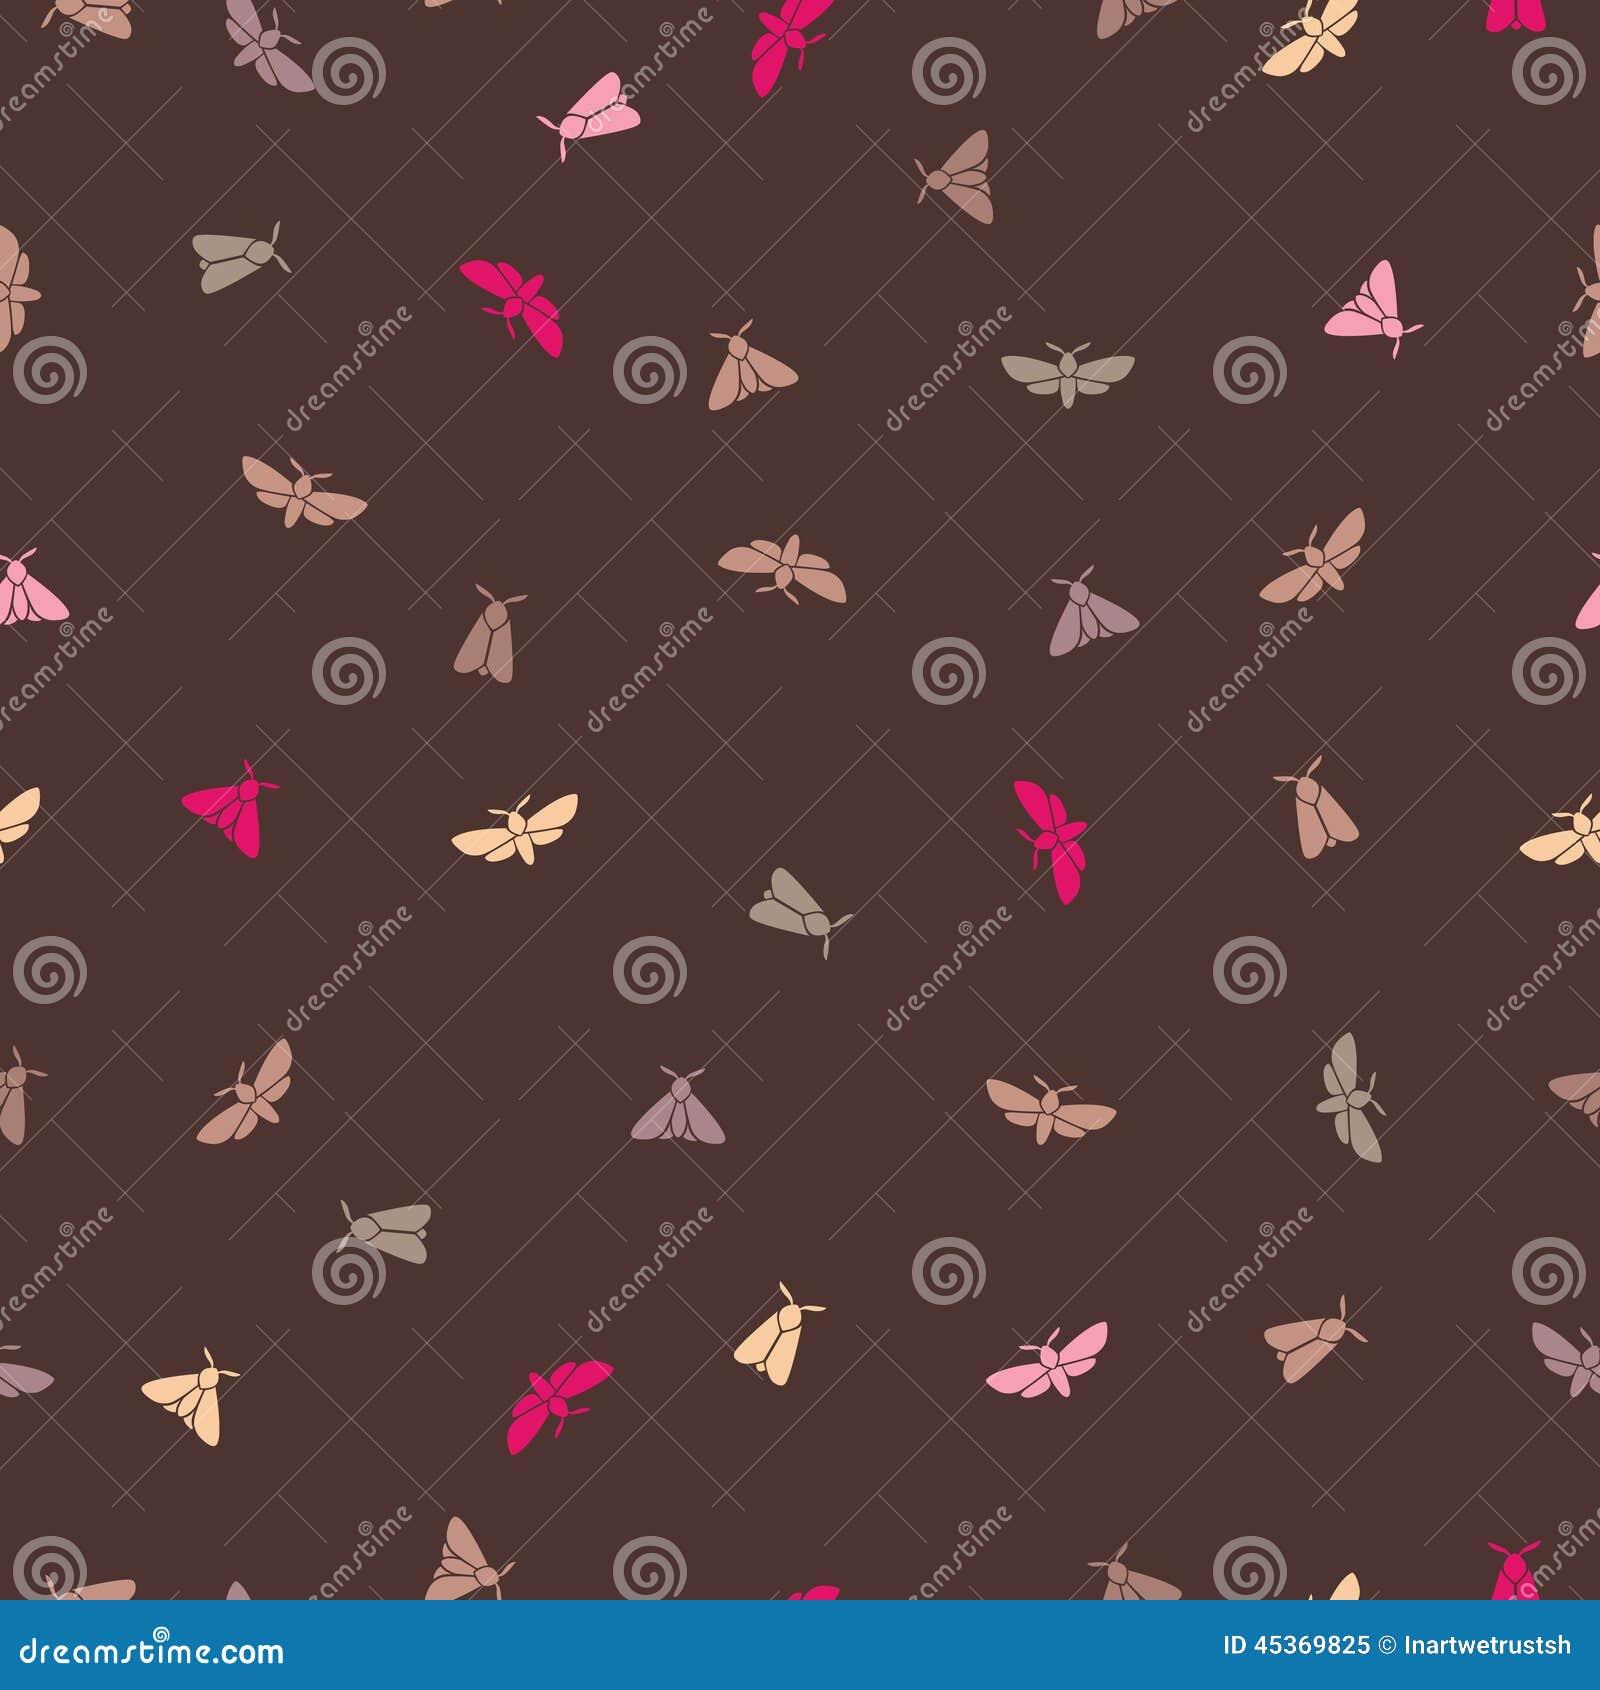 Papillons sur le modèle sans couture de fond brun